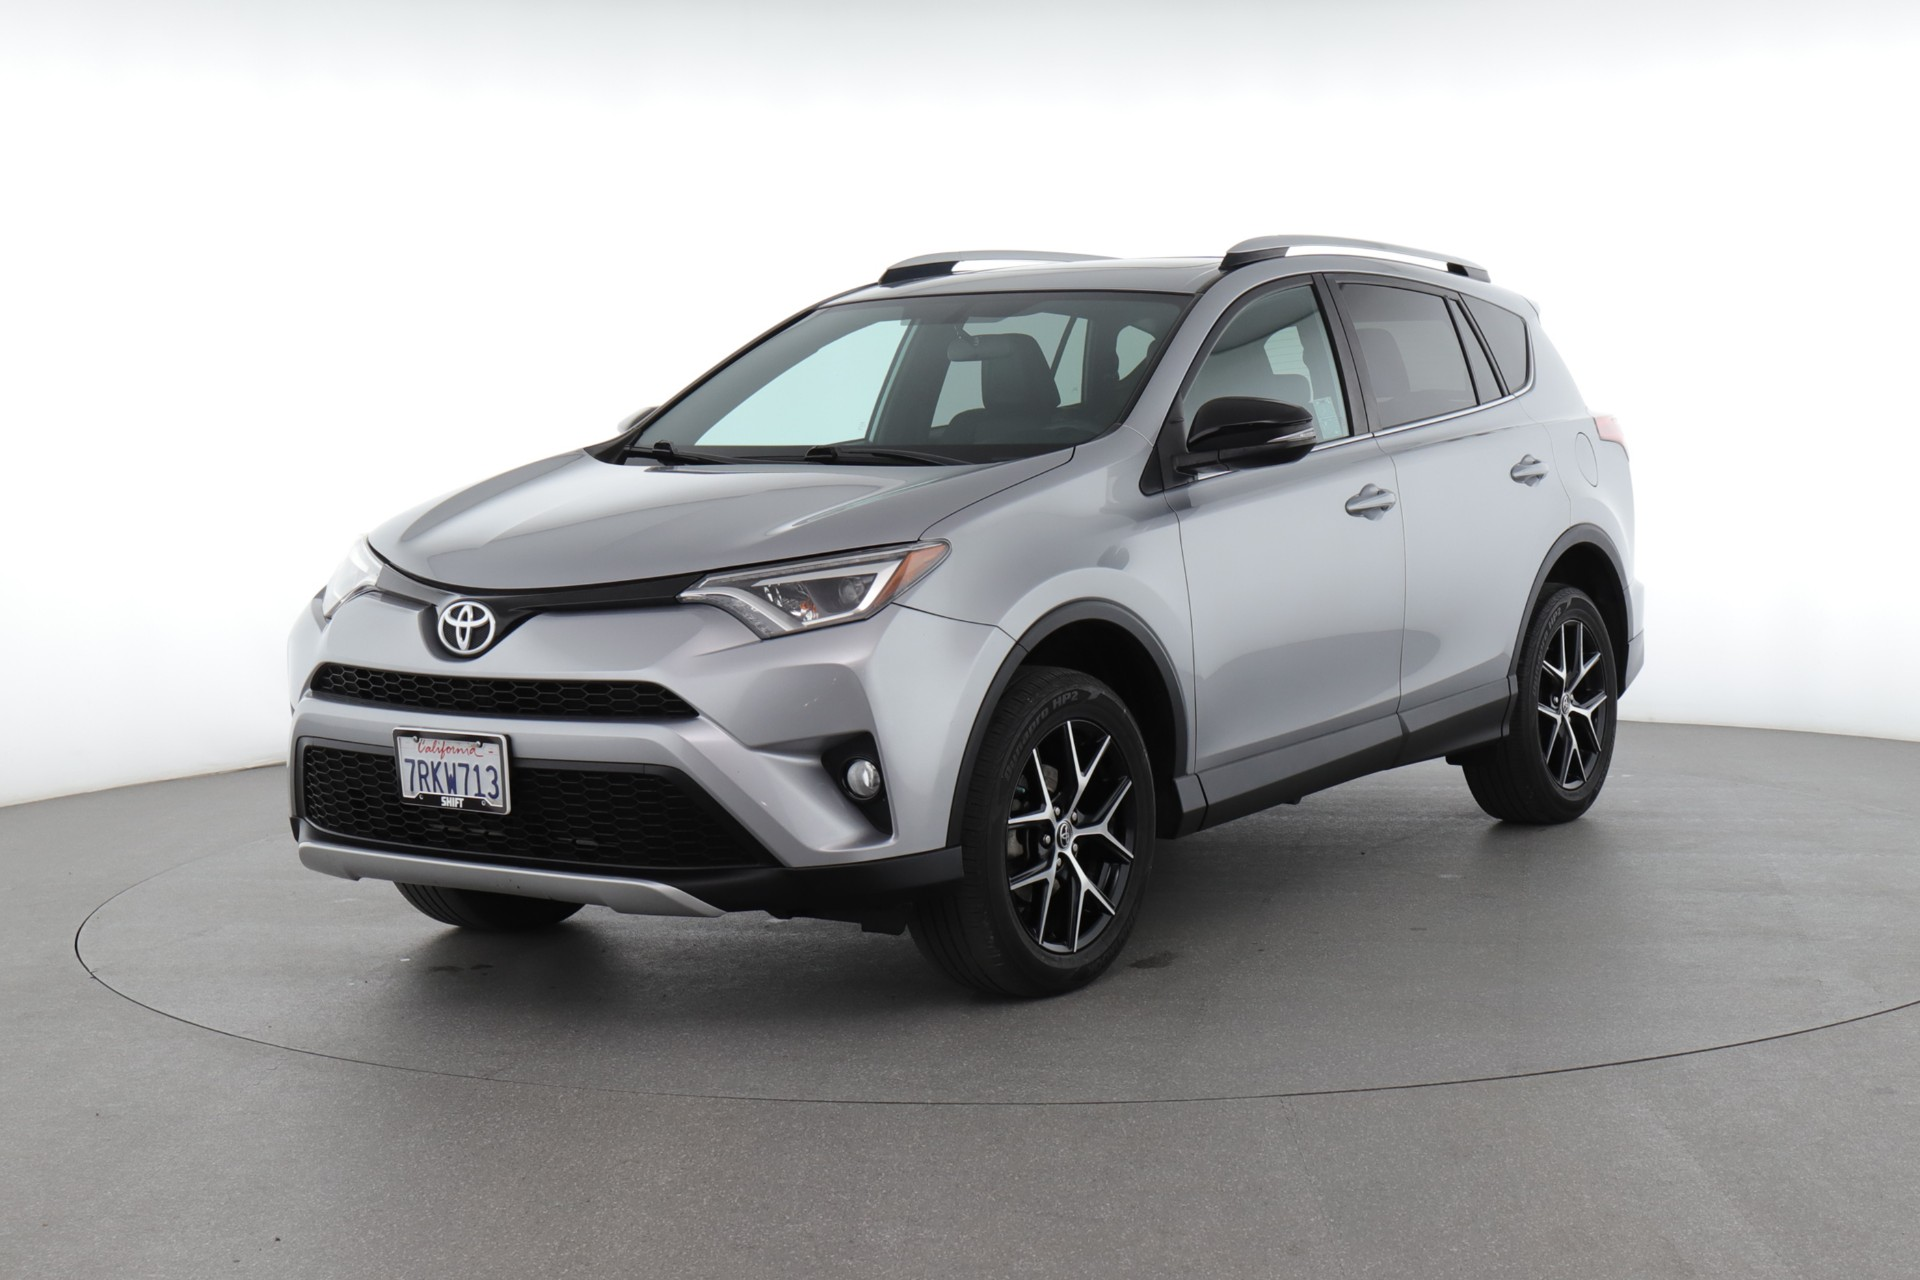 2016 Toyota RAV4 SE (from $20,950)